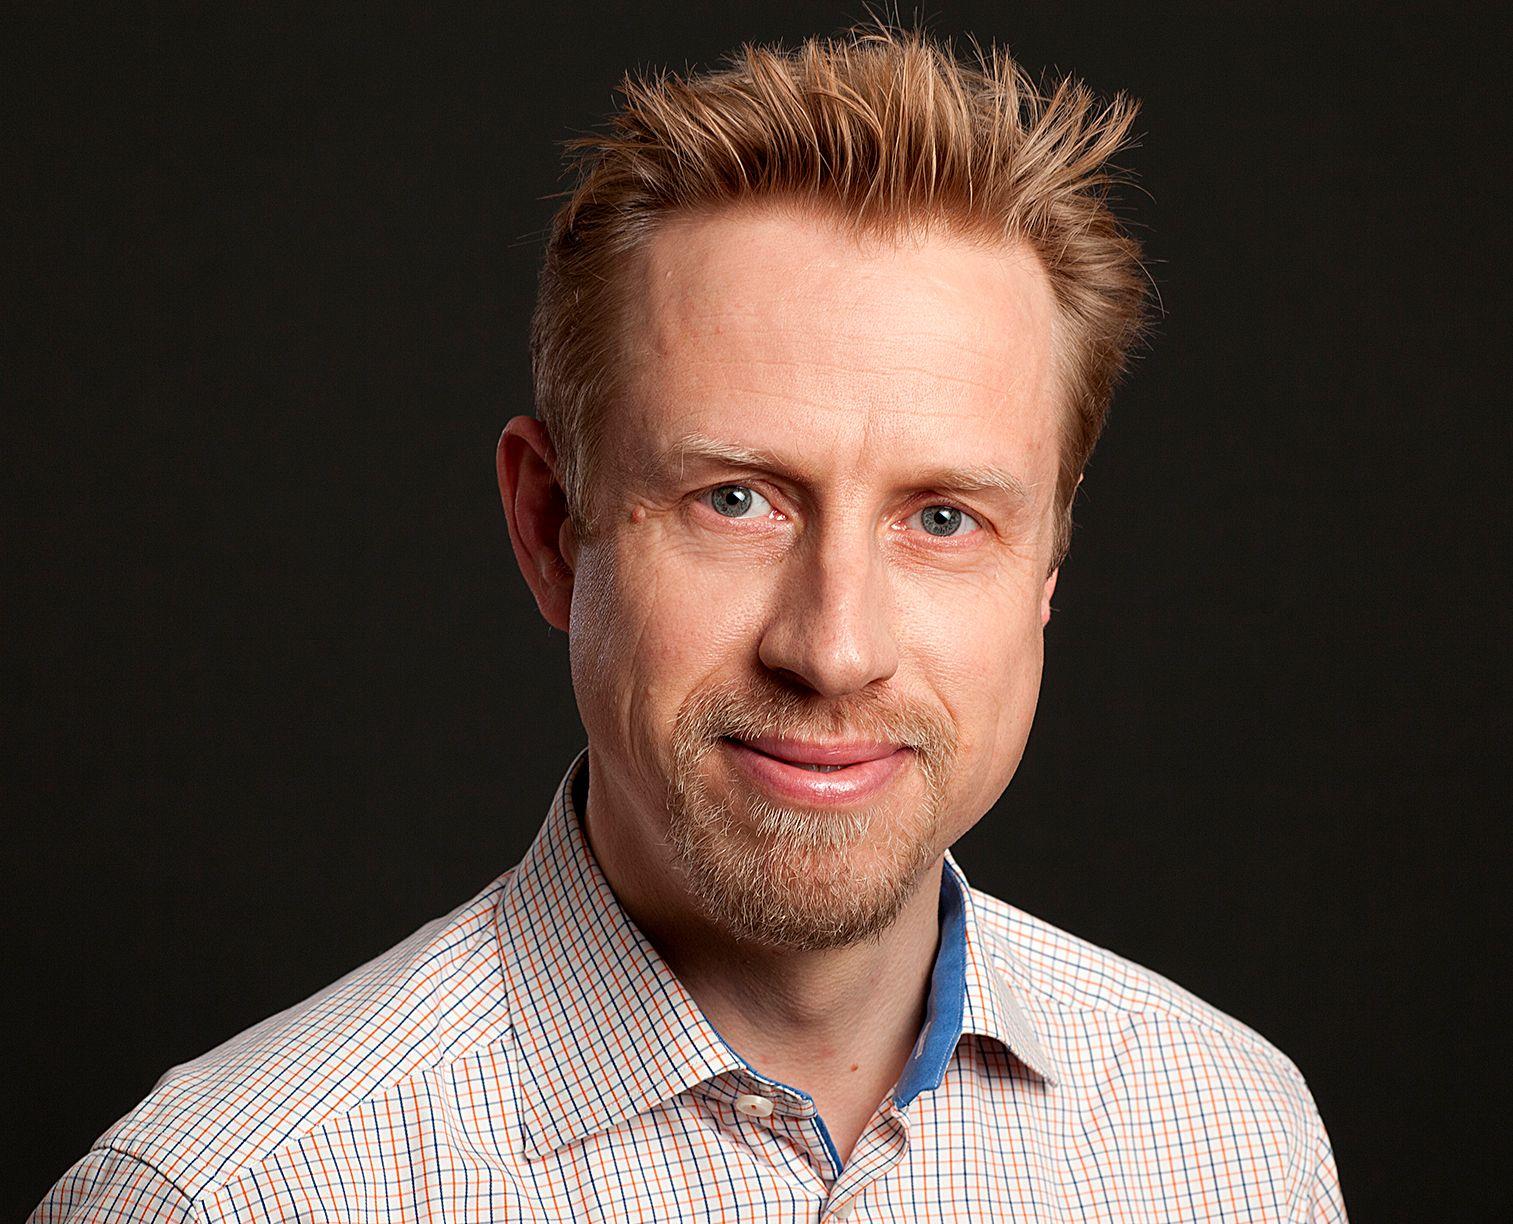 VIKTIG: VGs anmelder mener Kristoffer Egebergs «Fredsnasjonen Norge» vil bli stående som et viktig referanseverk i lang tid fremover.